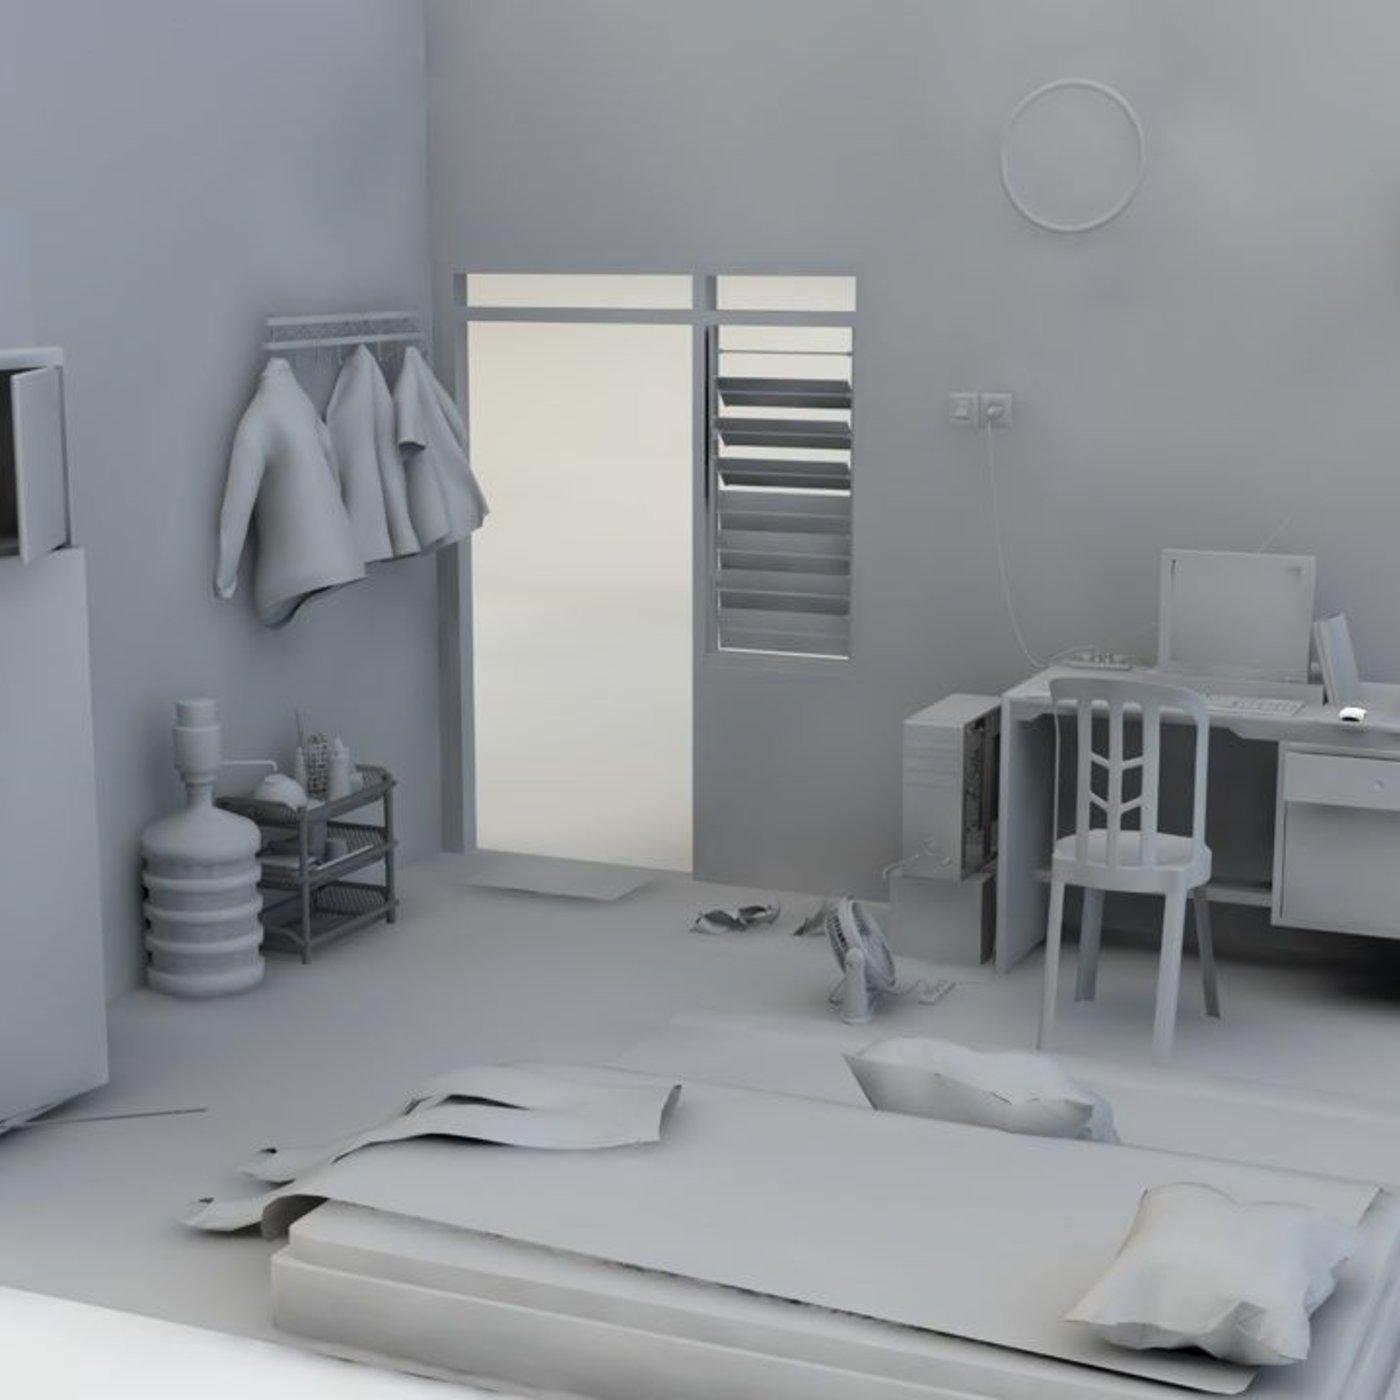 mesh room untexture